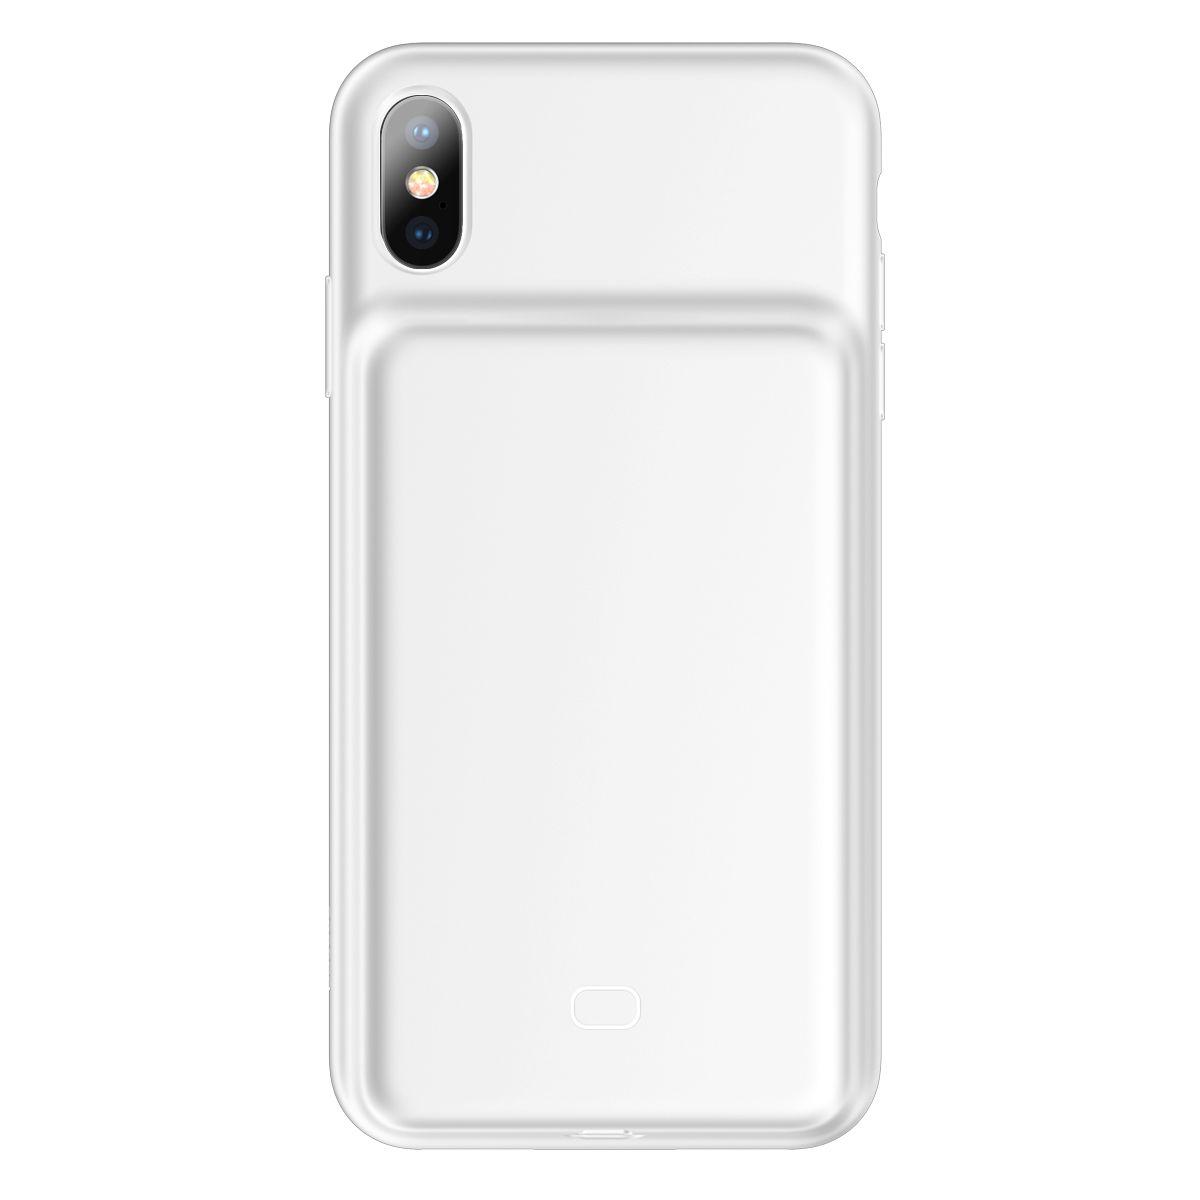 Capa Carregadora Baseus Splint para iPhone X/XS 3300mAh